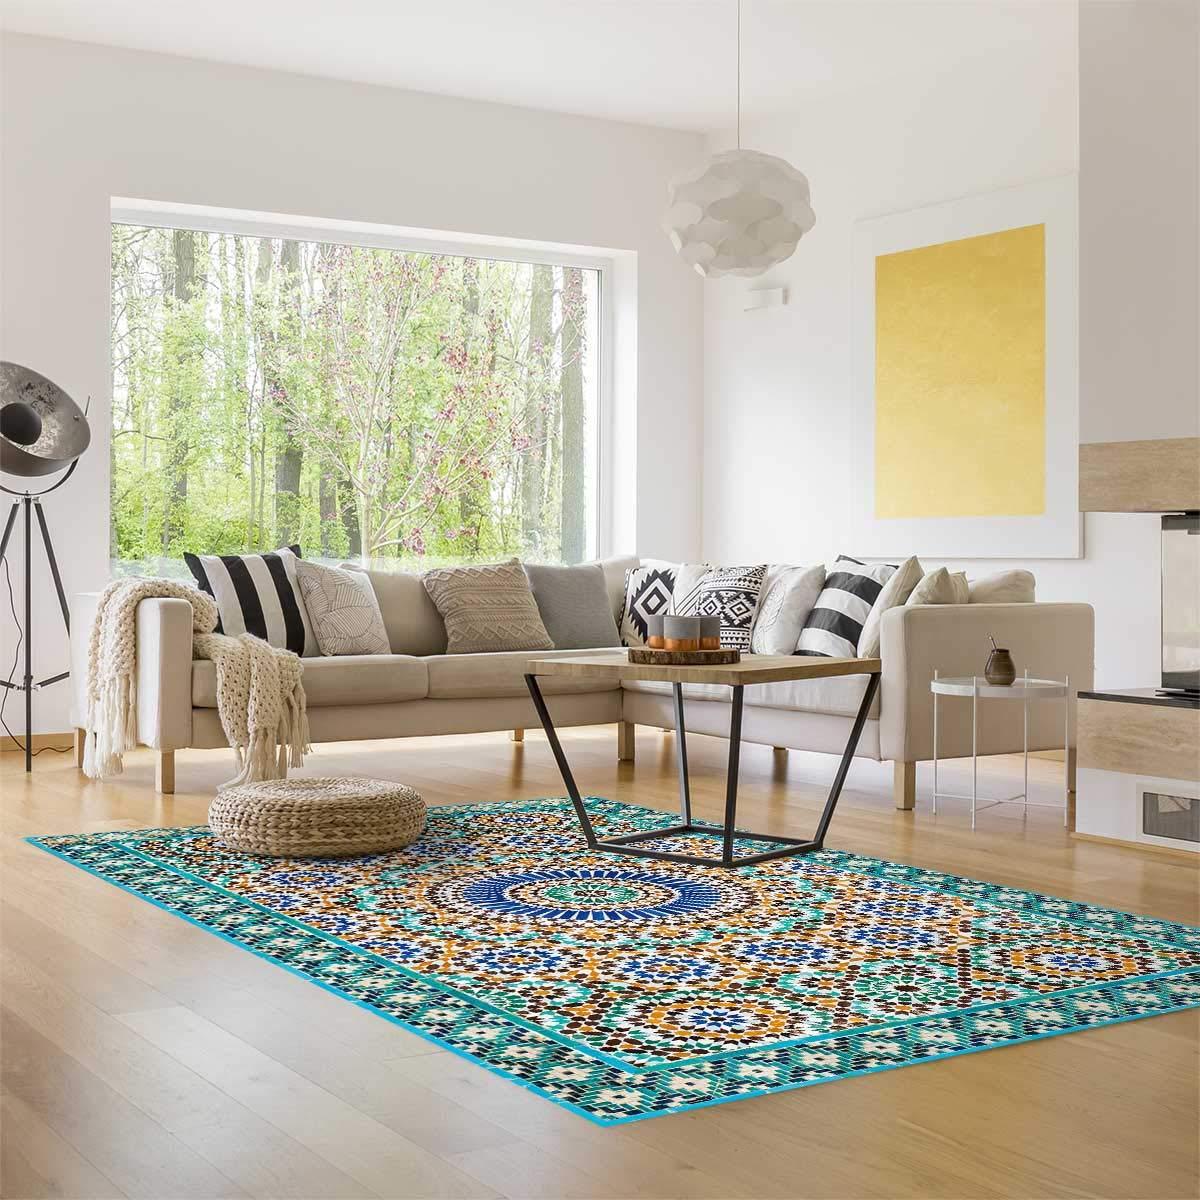 Myspotti - Buddy Chadi Rutschfeste Bodenschutzmatte aus Vinyl Badematte Küchenläufer Wohnzimmer Deko (180 x 68 cm) B07H5LTZCC Lufer